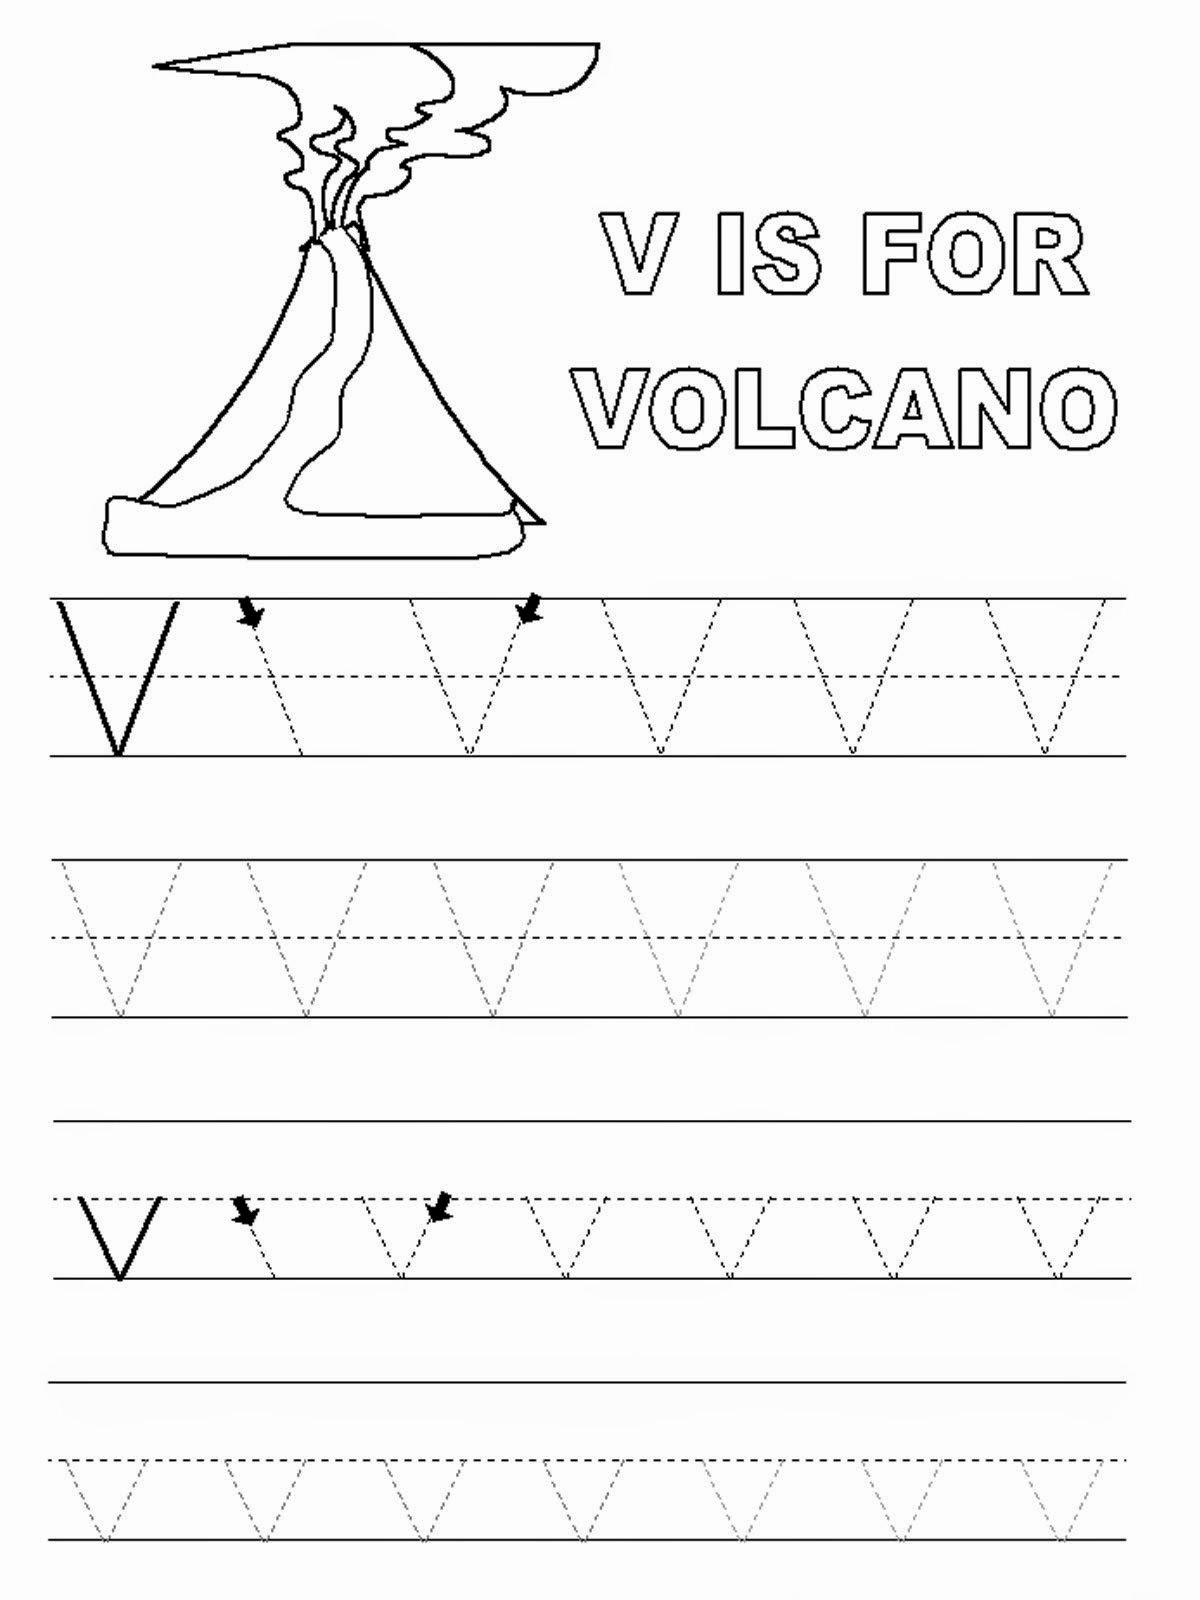 Volcano Worksheets for Preschoolers Awesome Letter V Worksheets to Print